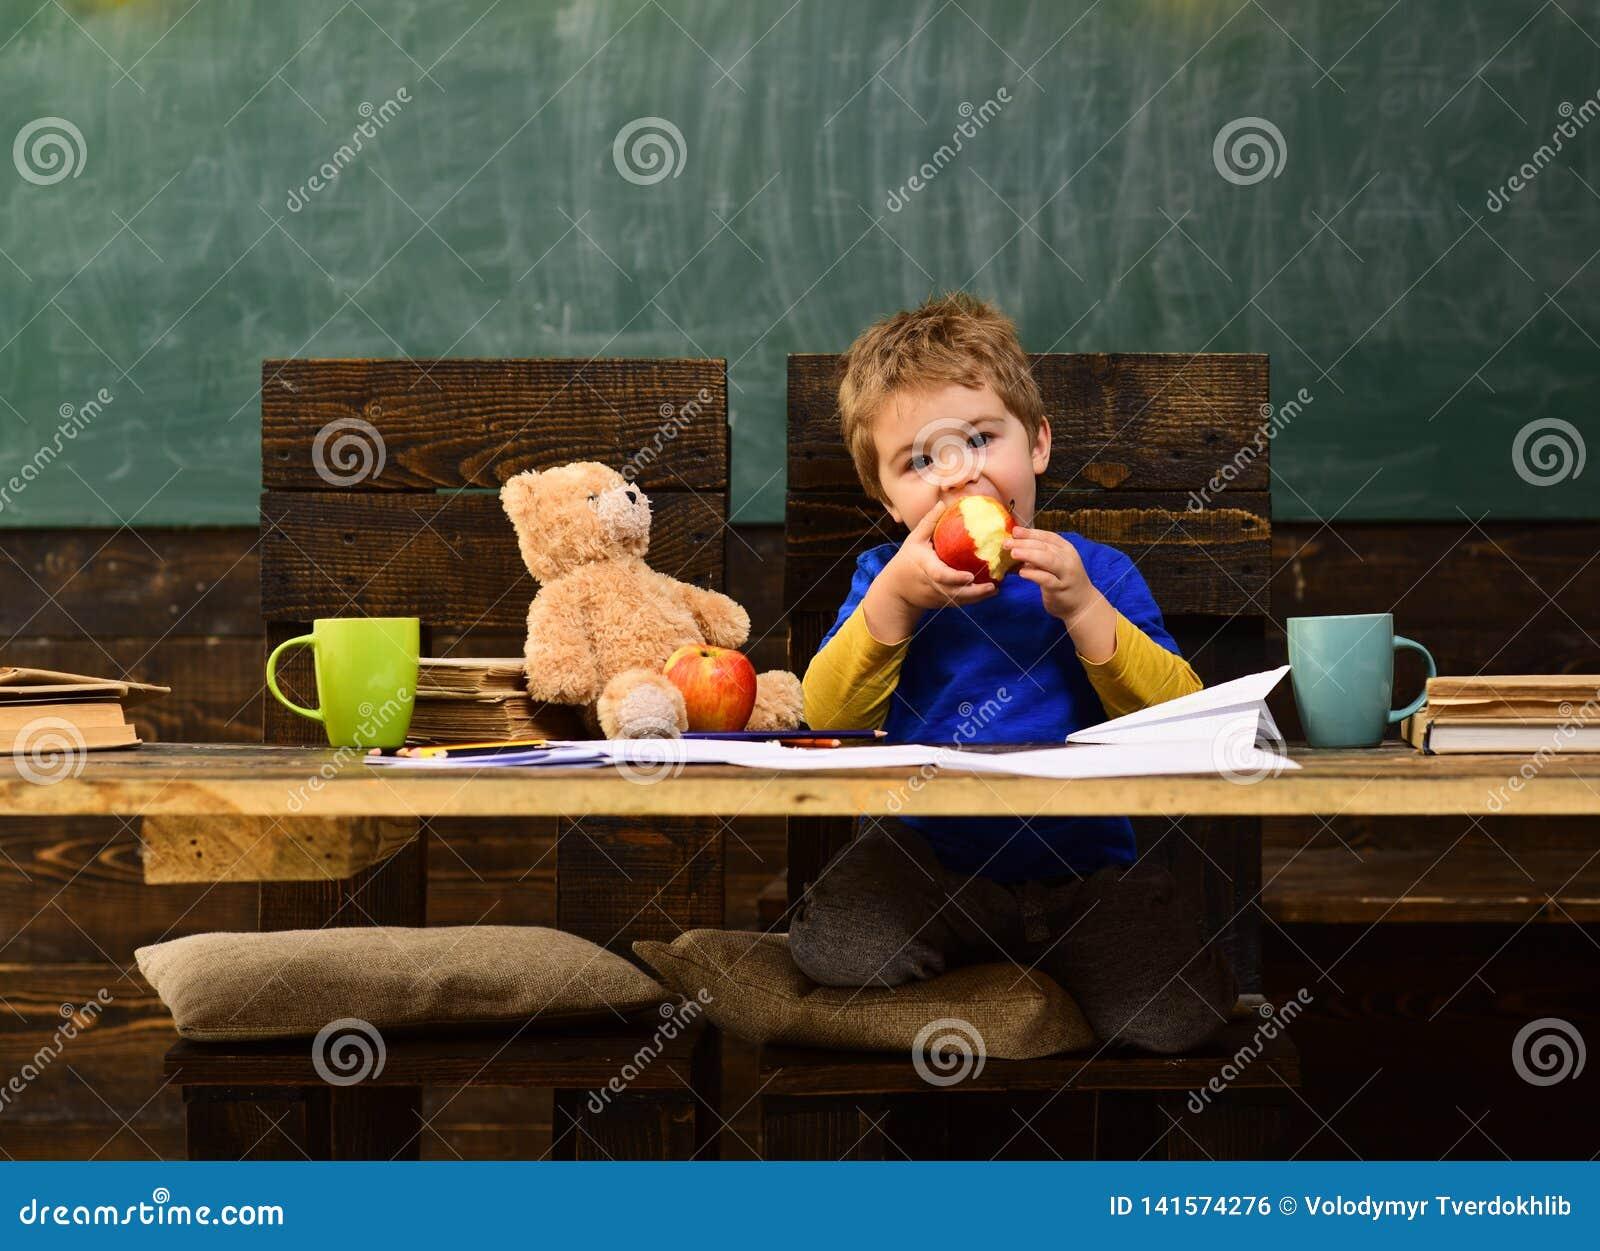 Mooie leraar die leerling in klaslokaal helpen op de basisschool De studenten kunnen tutoring bij bijna elk onderwerp krijgen